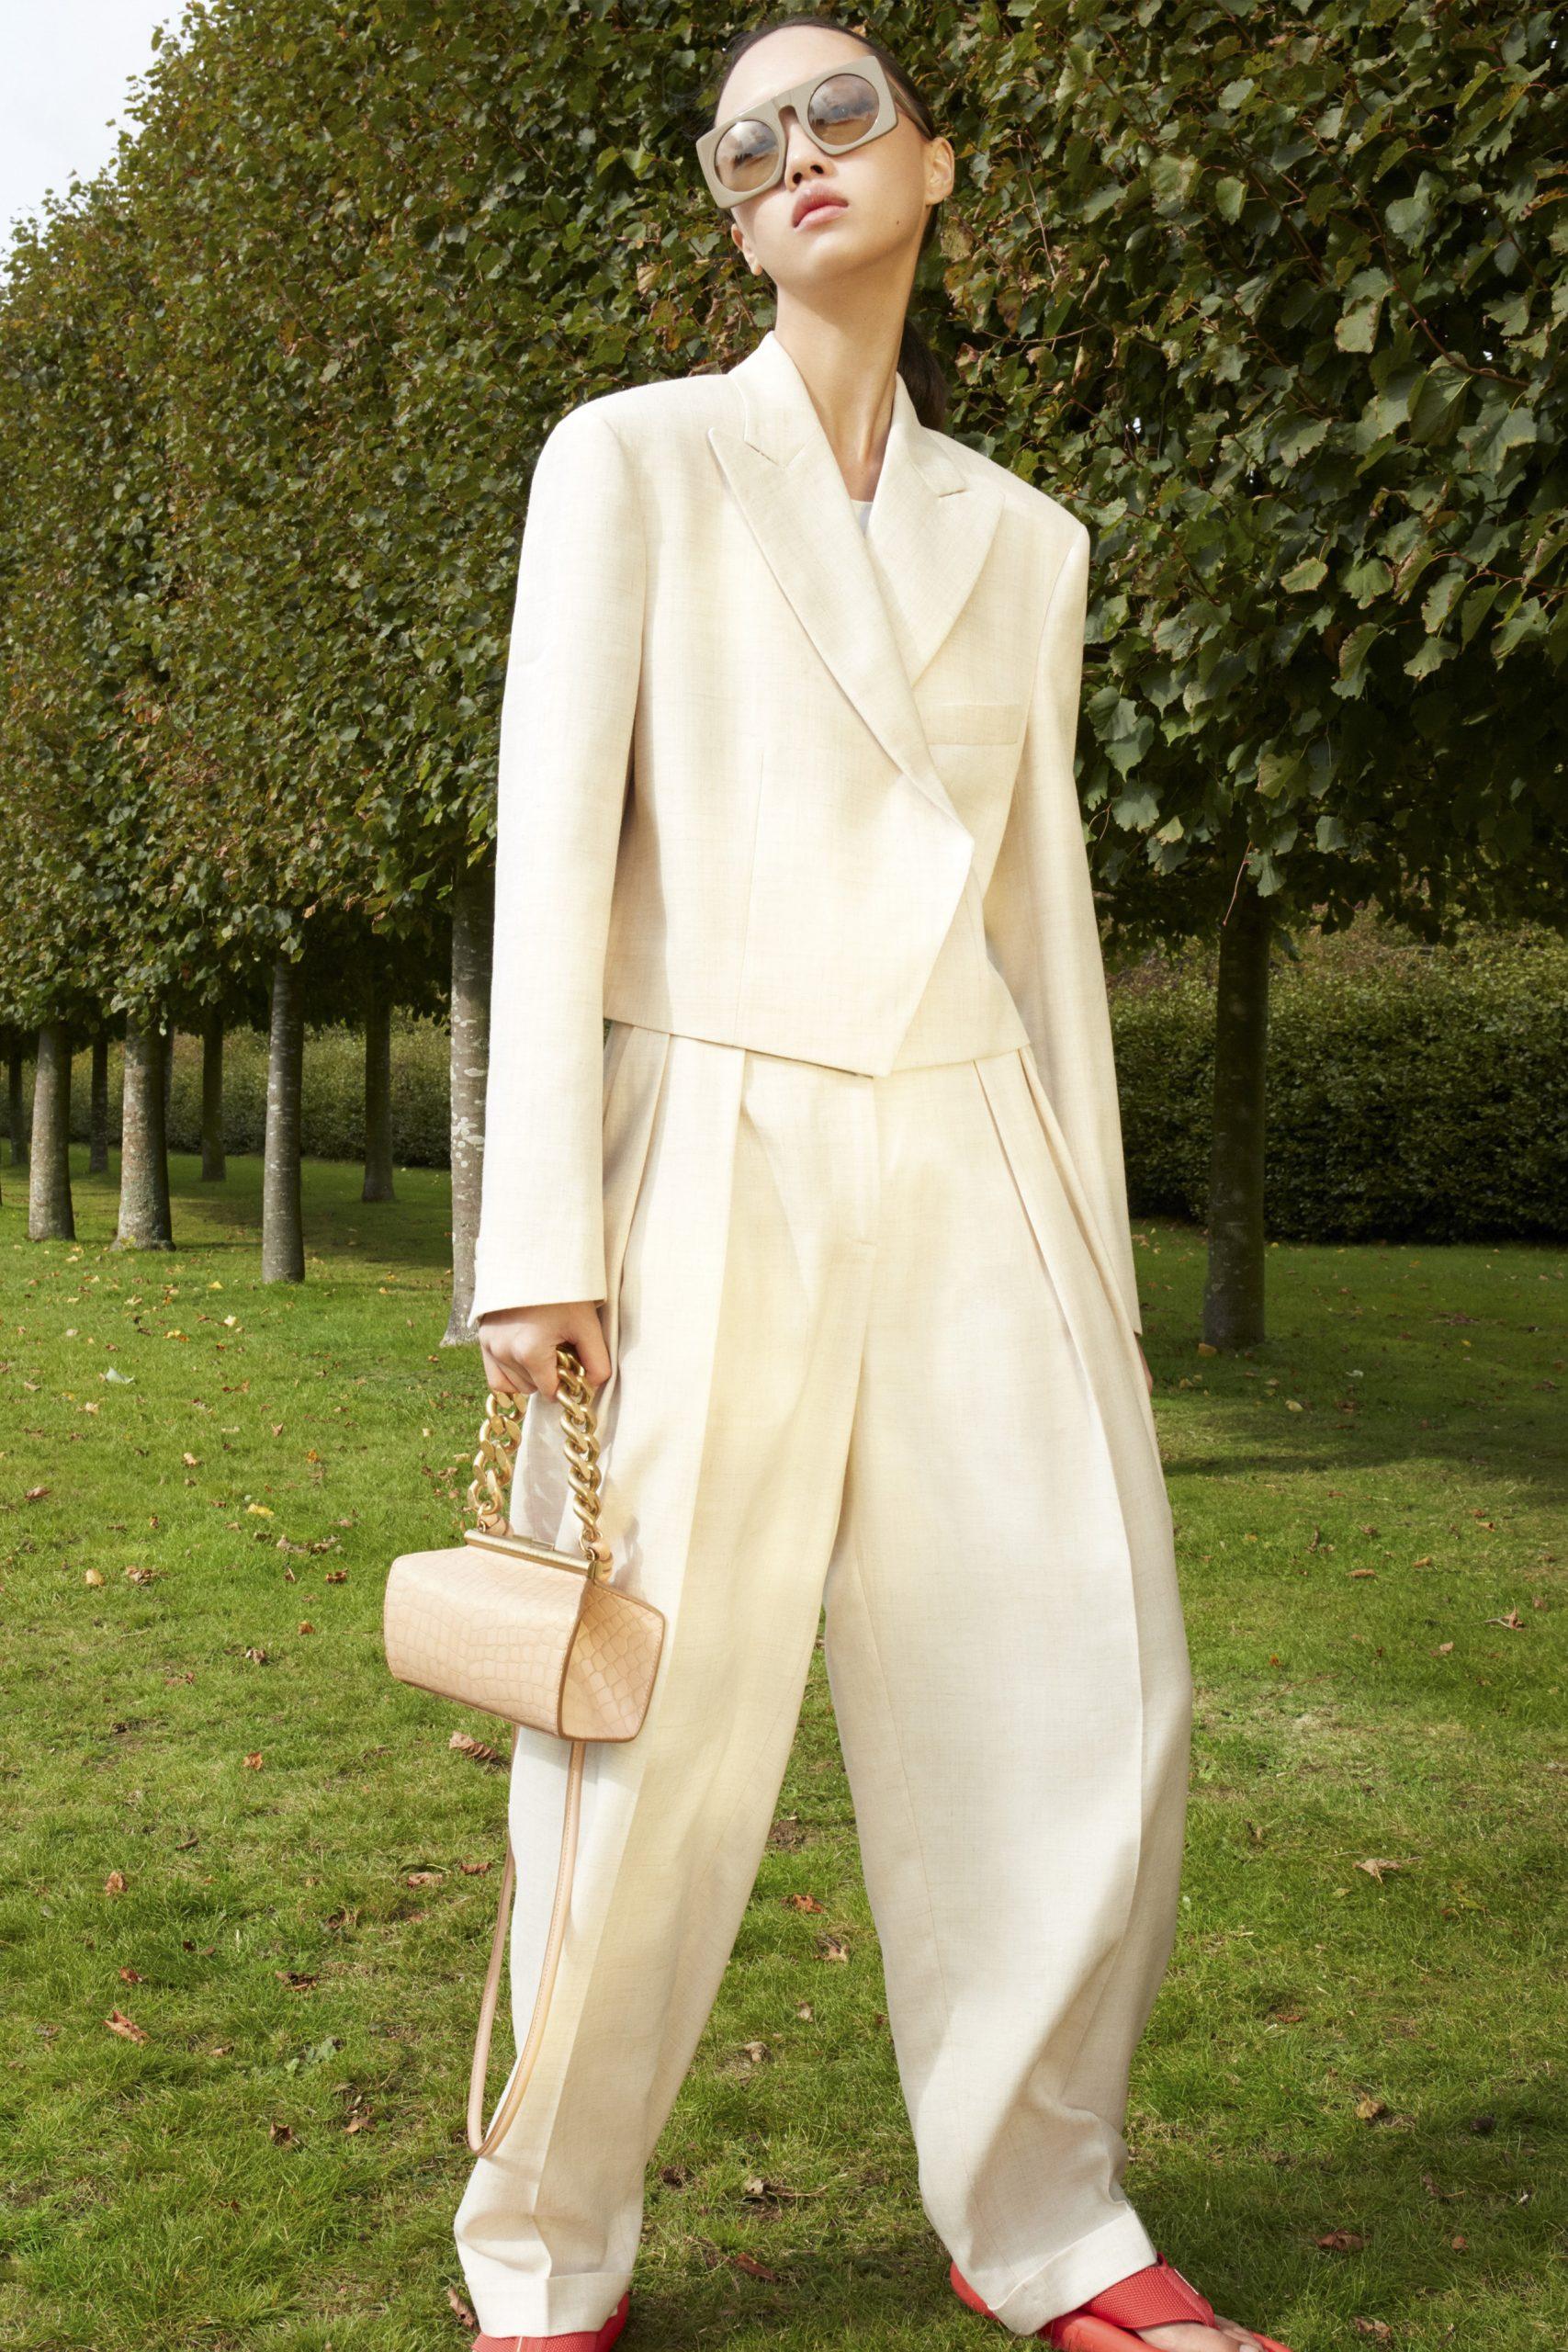 13. kép: Párizsi divathét - 2021-es tavaszi-nyári ready to wear kollekció - Stella McCartney